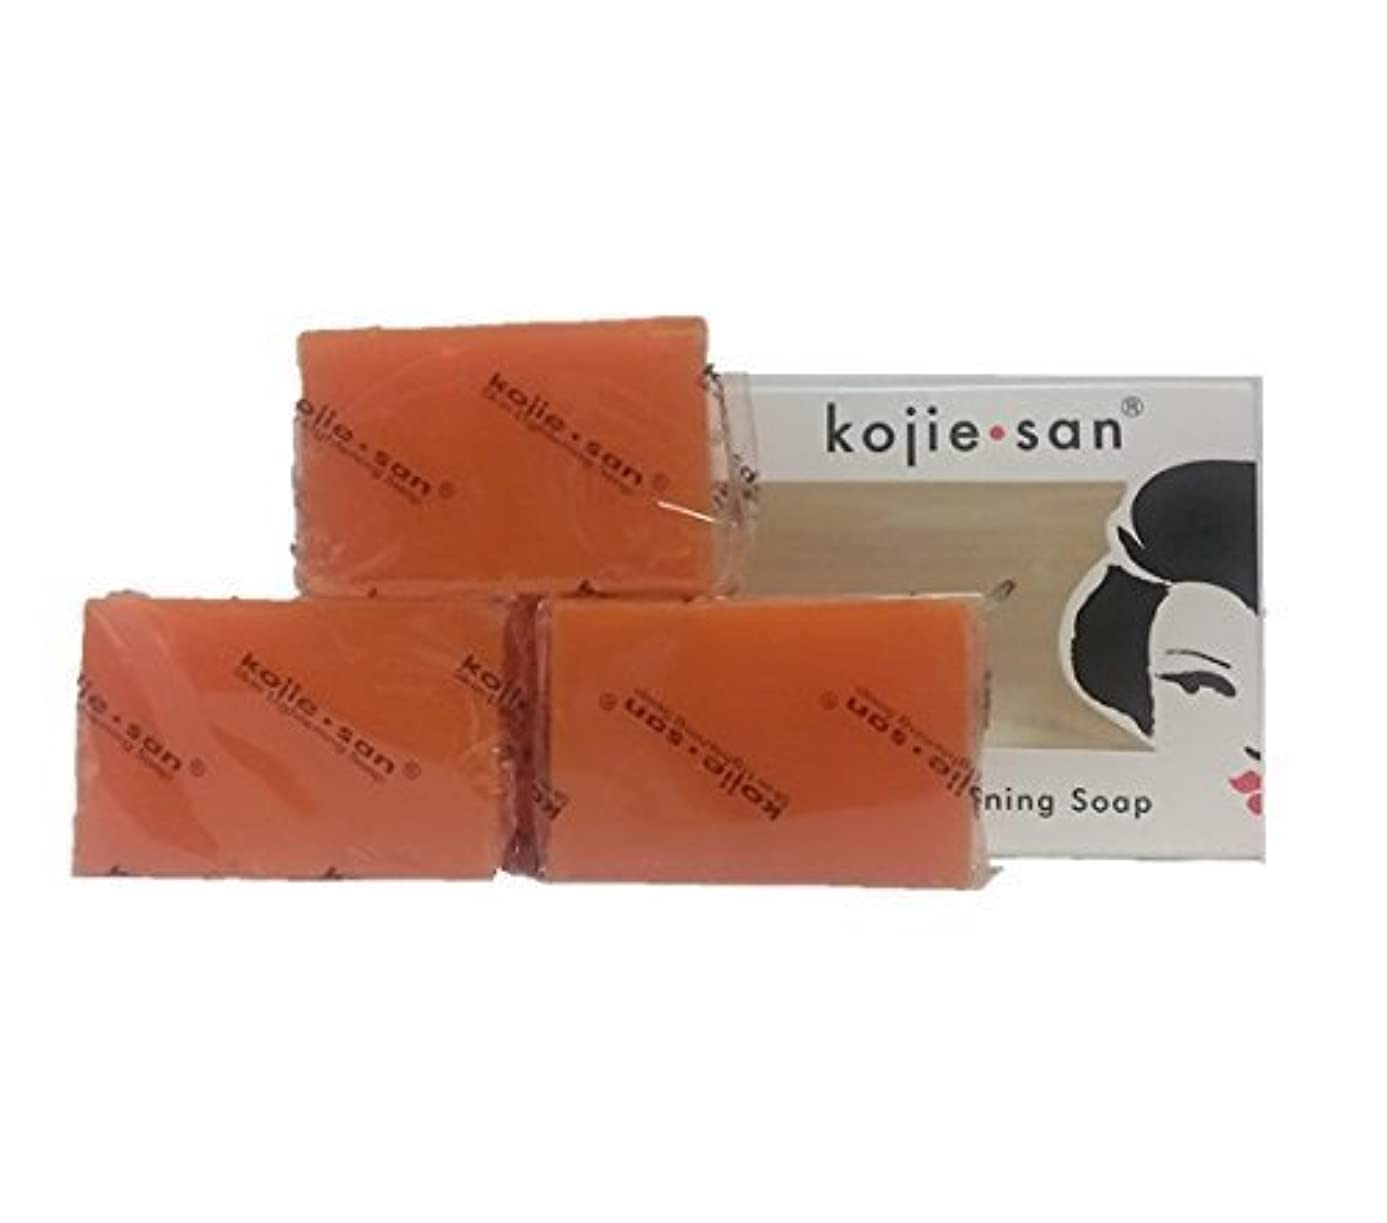 谷幻滅関数Kojie san Skin Lightning Soap 3 pcs こじえさんスキンライトニングソープ3個パック [並行輸入品]